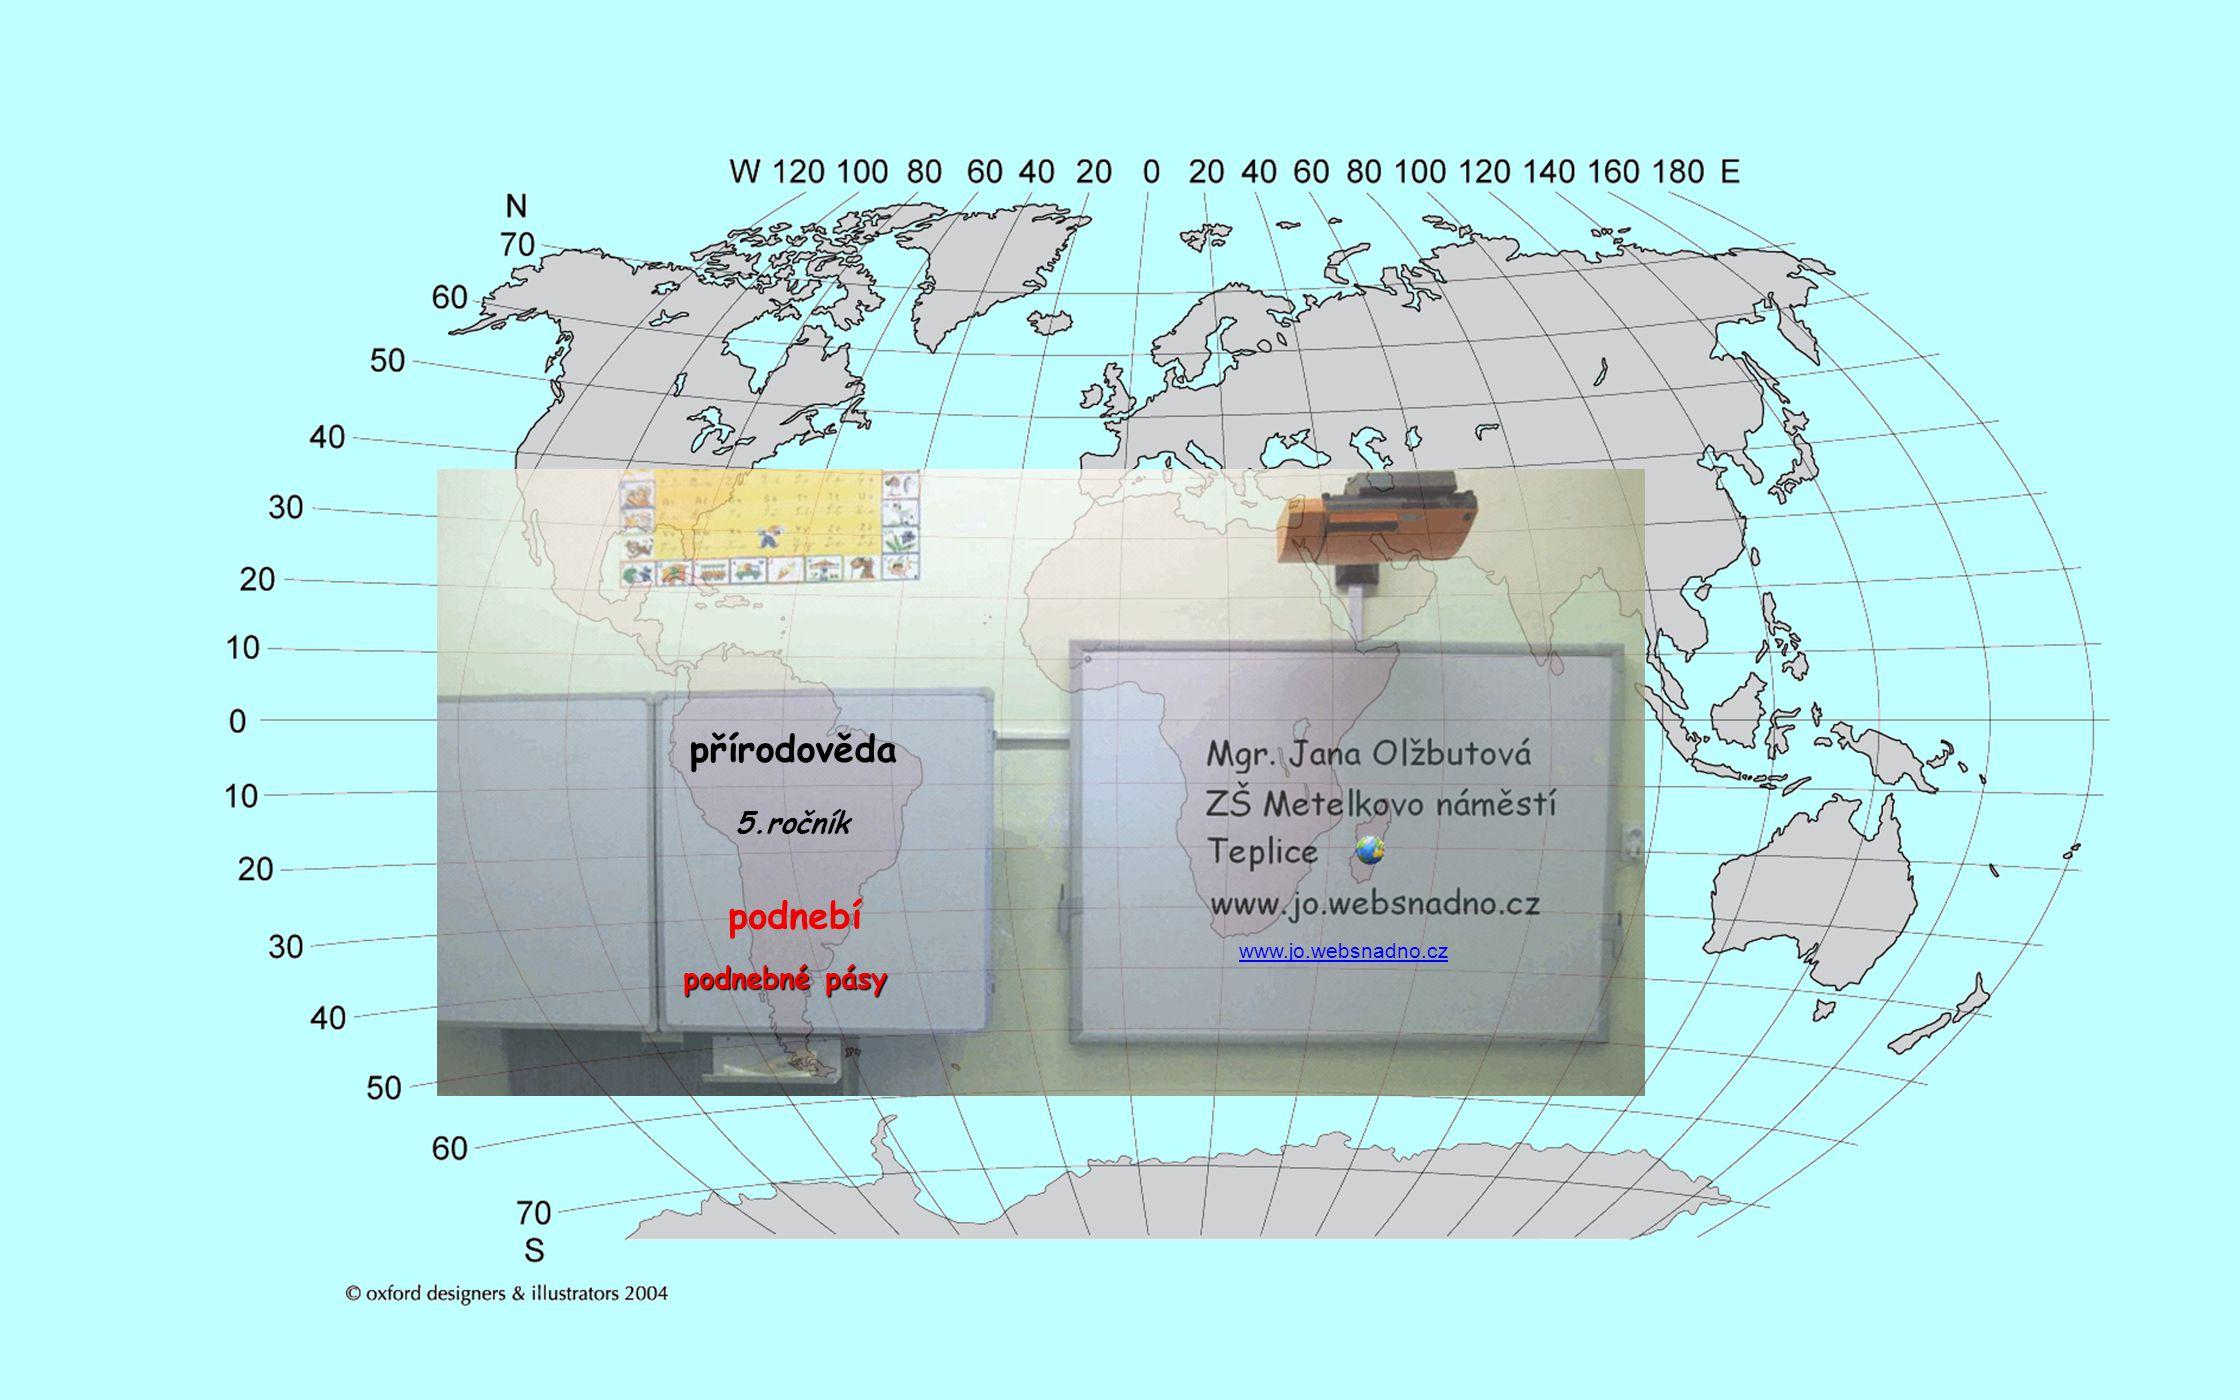 podnebí přírodověda 5.ročník www.jo.websnadno.cz podnebné pásy